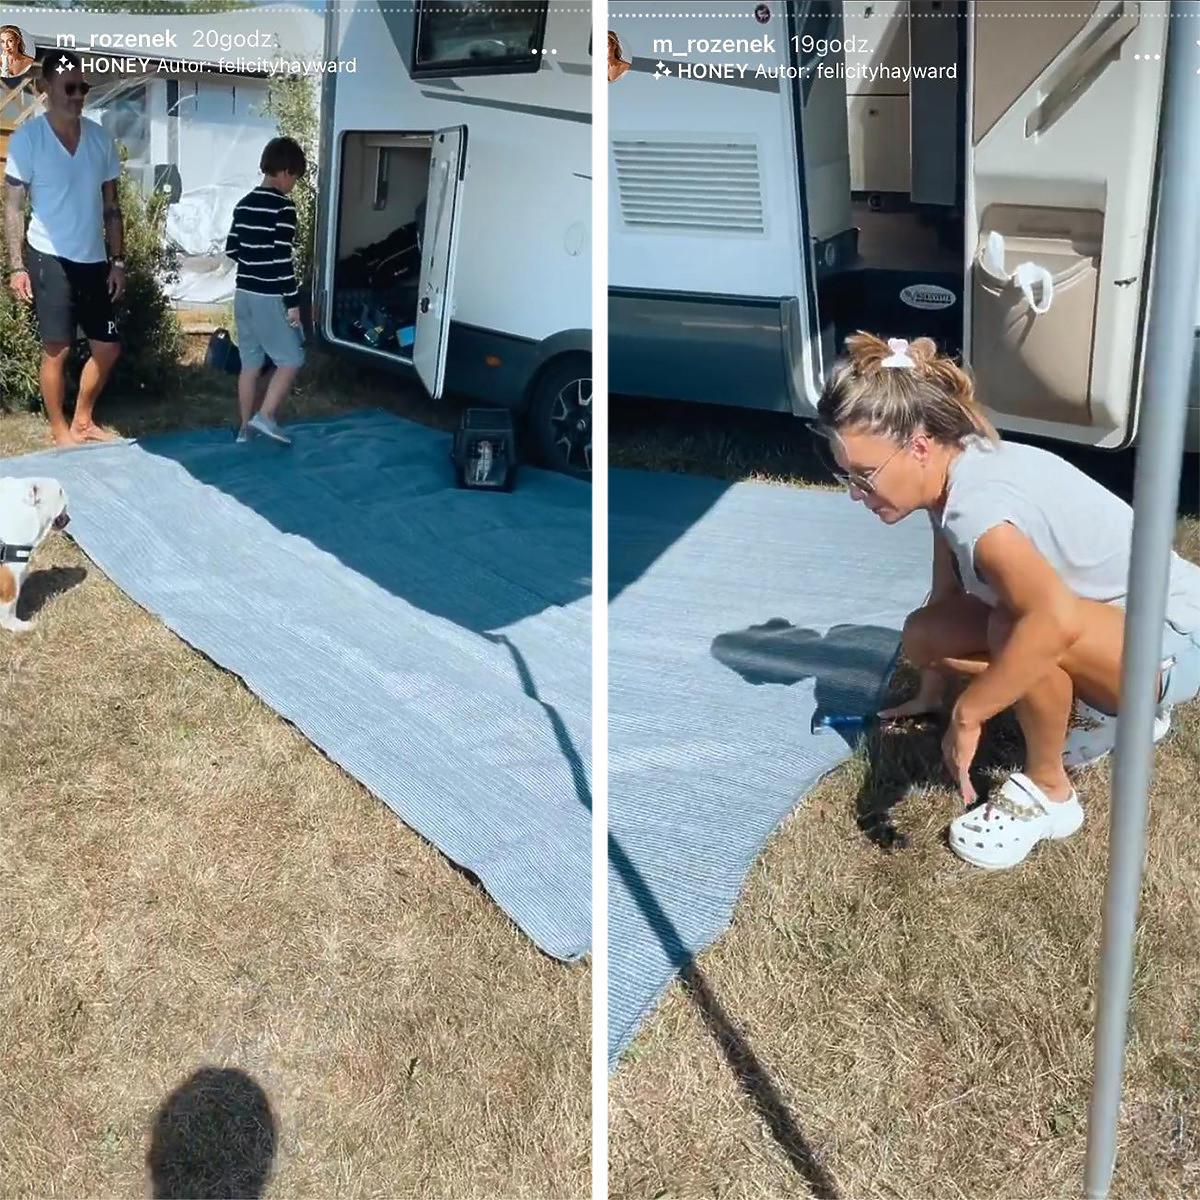 Małgorzata Rozenek niezadowolona z wakacji w kamperze